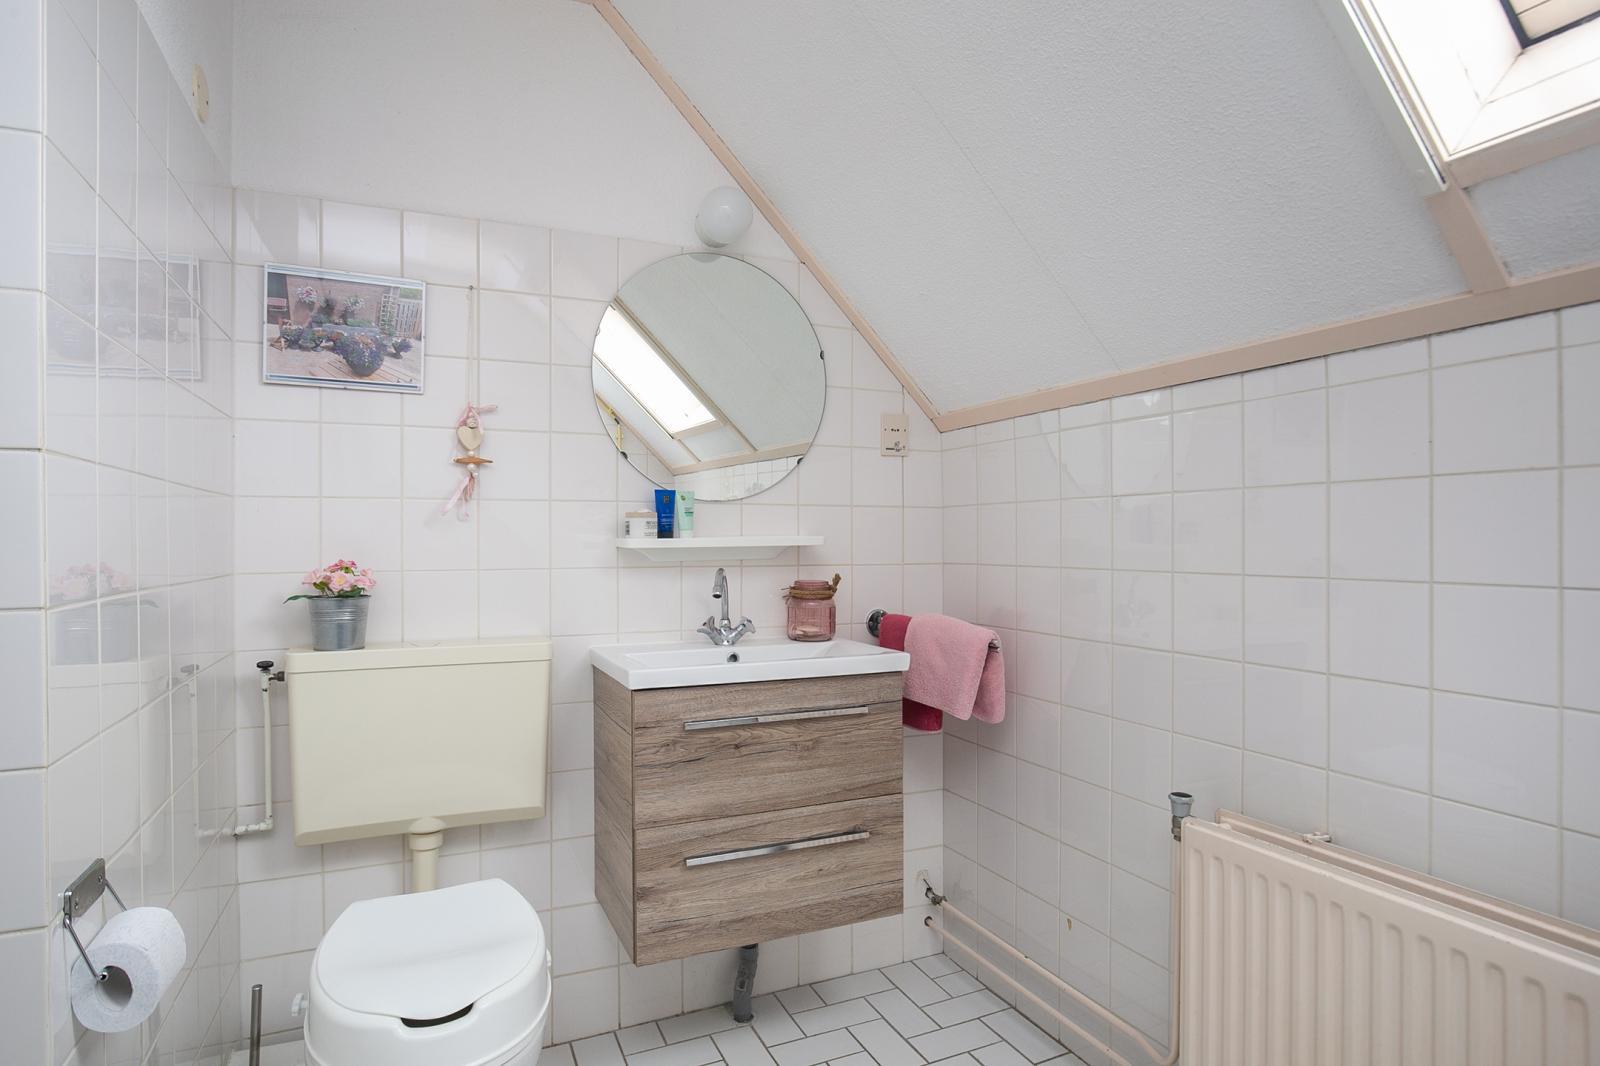 zeino-van-burmaniastrjitte-15-oppenhuizen-1075